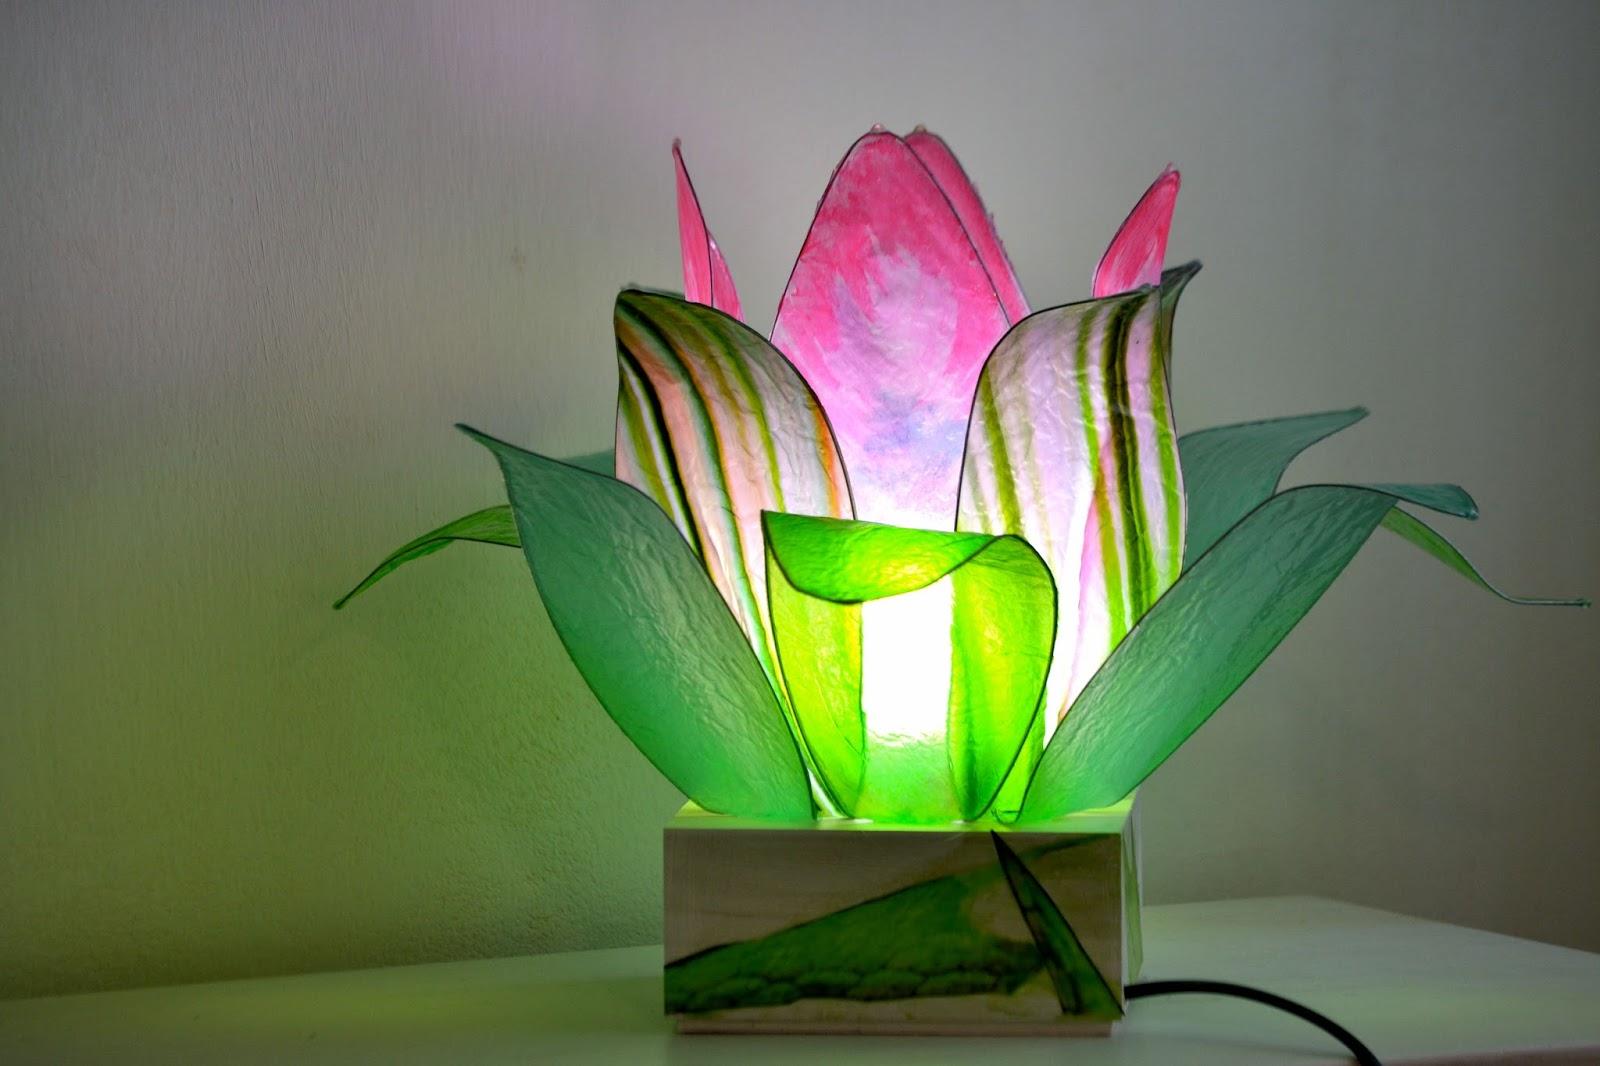 Fiore di luce lampade artistiche, lotus flower: gennaio 2016